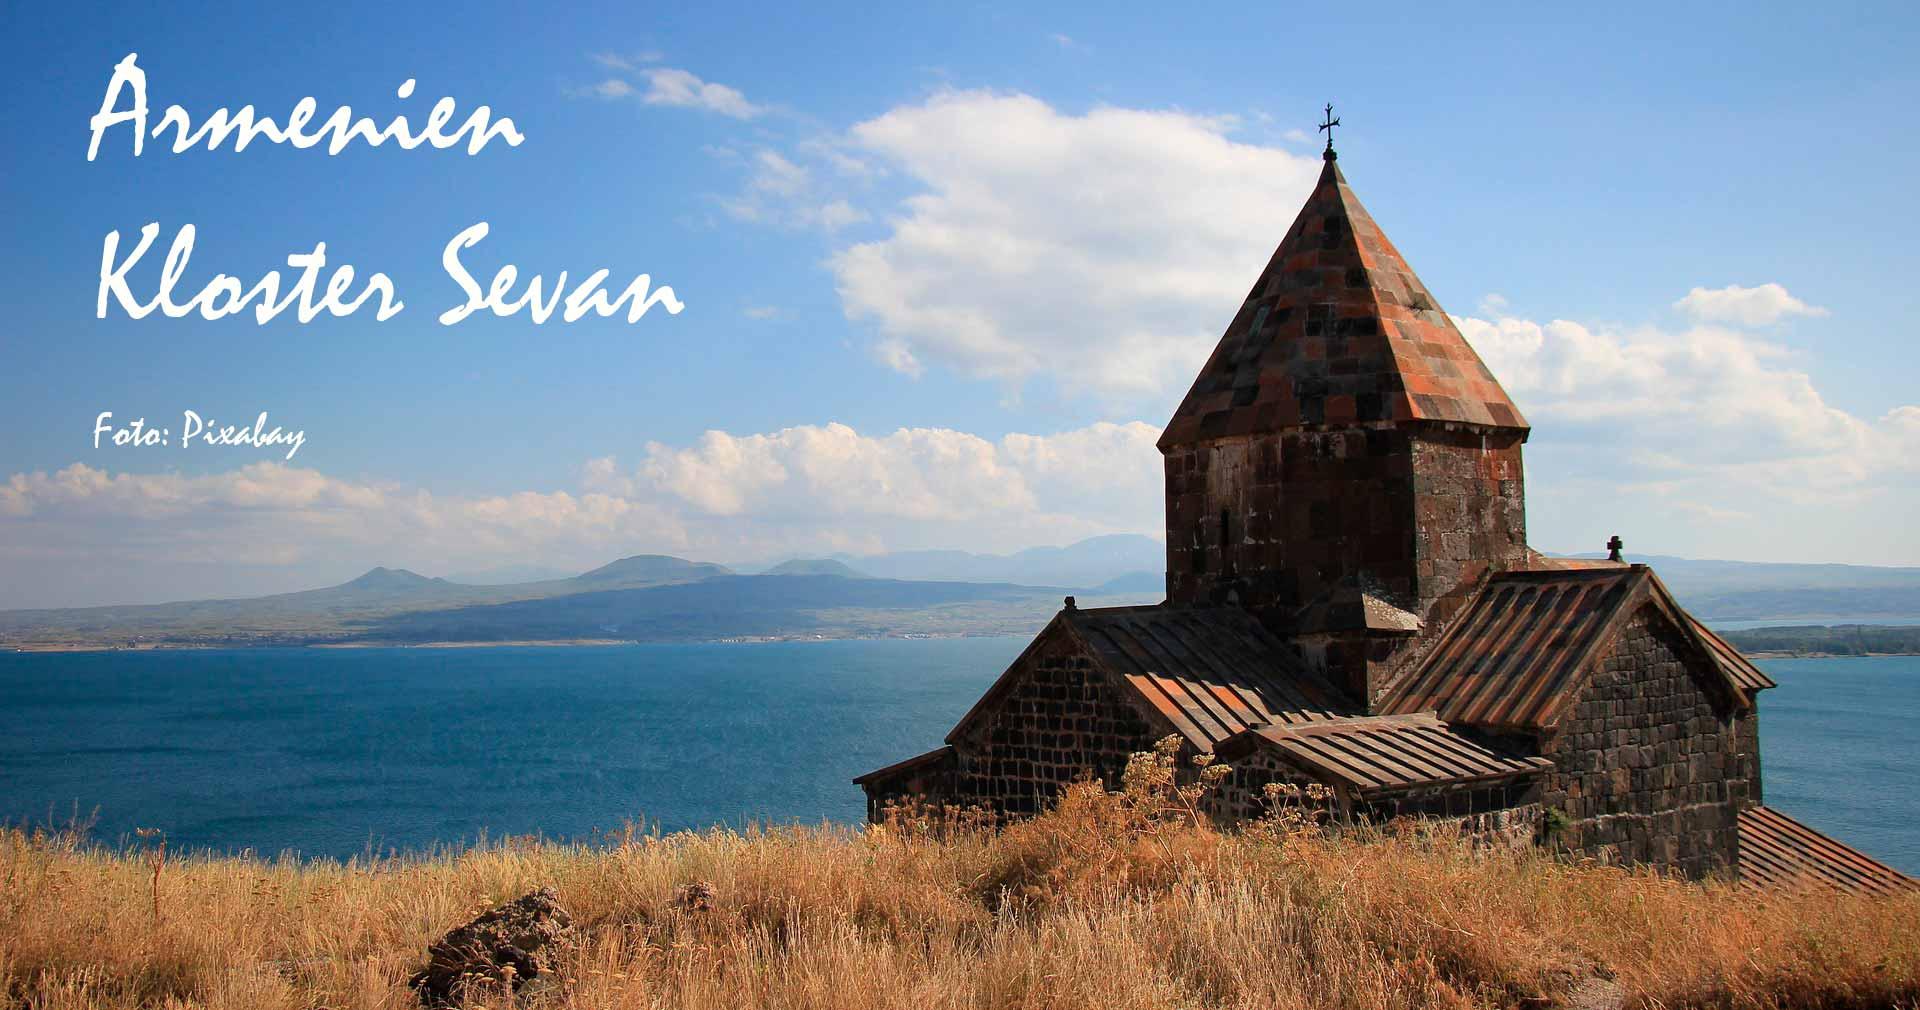 Reiseinformationen und Sehenswürdigkeiten Armenien